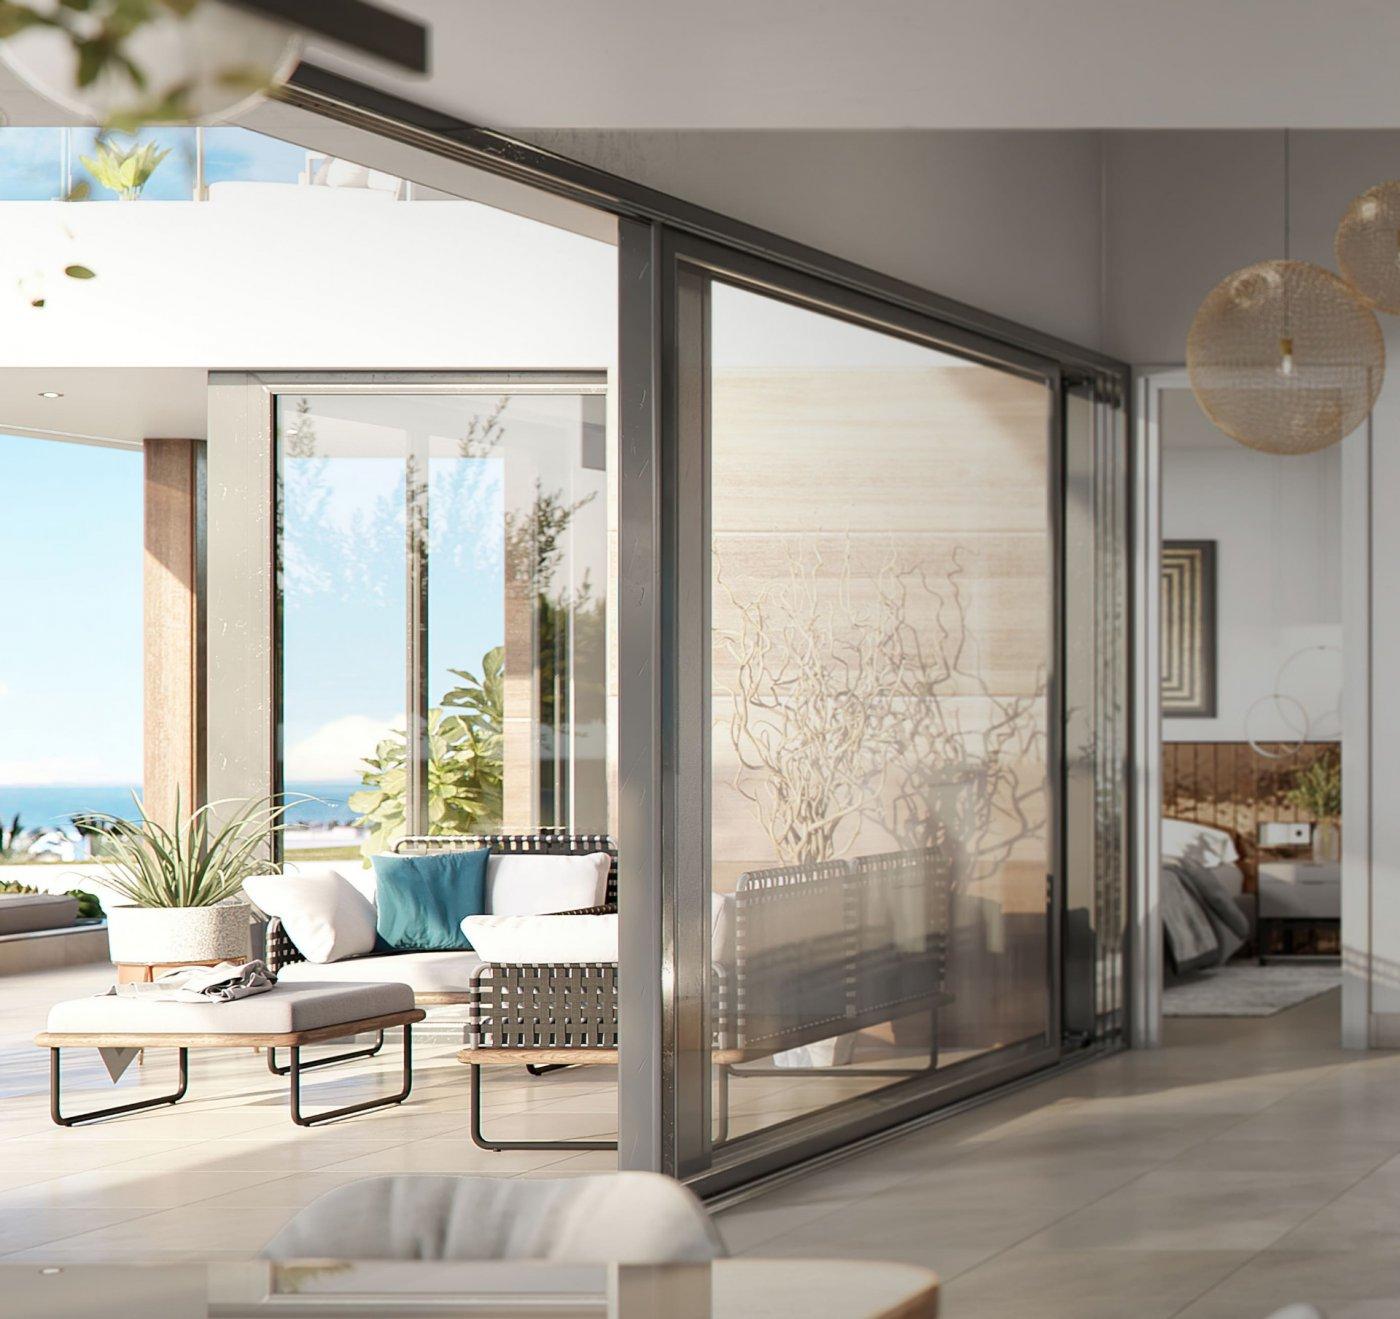 New Villa in Estepona with sea views